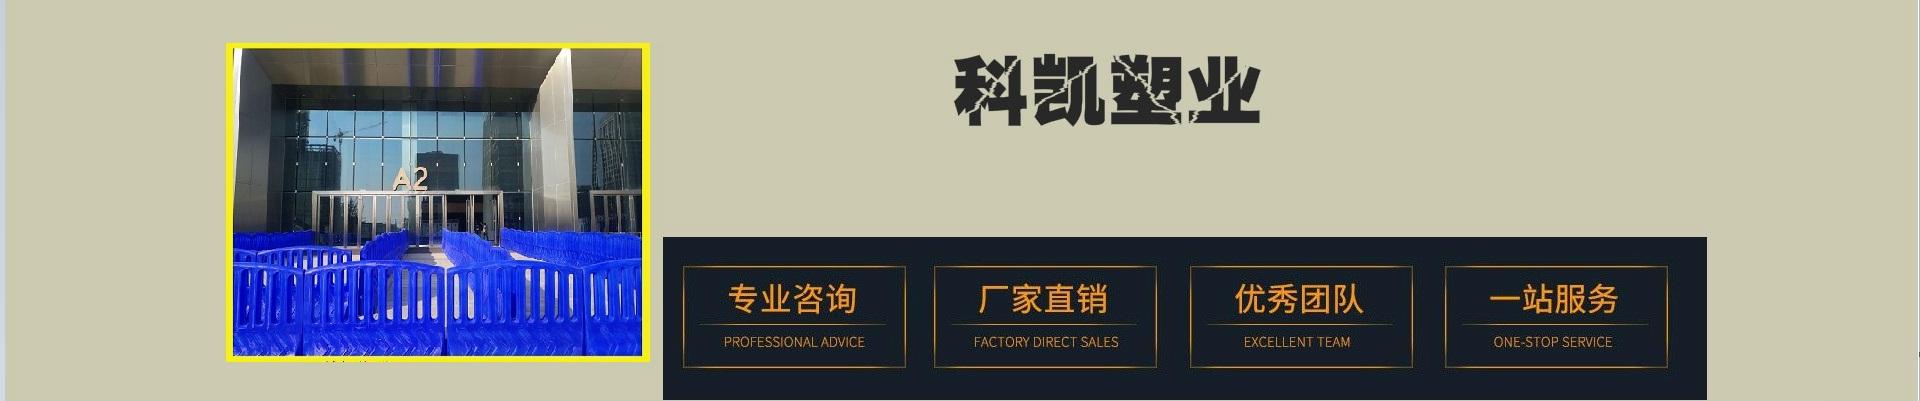 余姚市科凯塑业有限公司